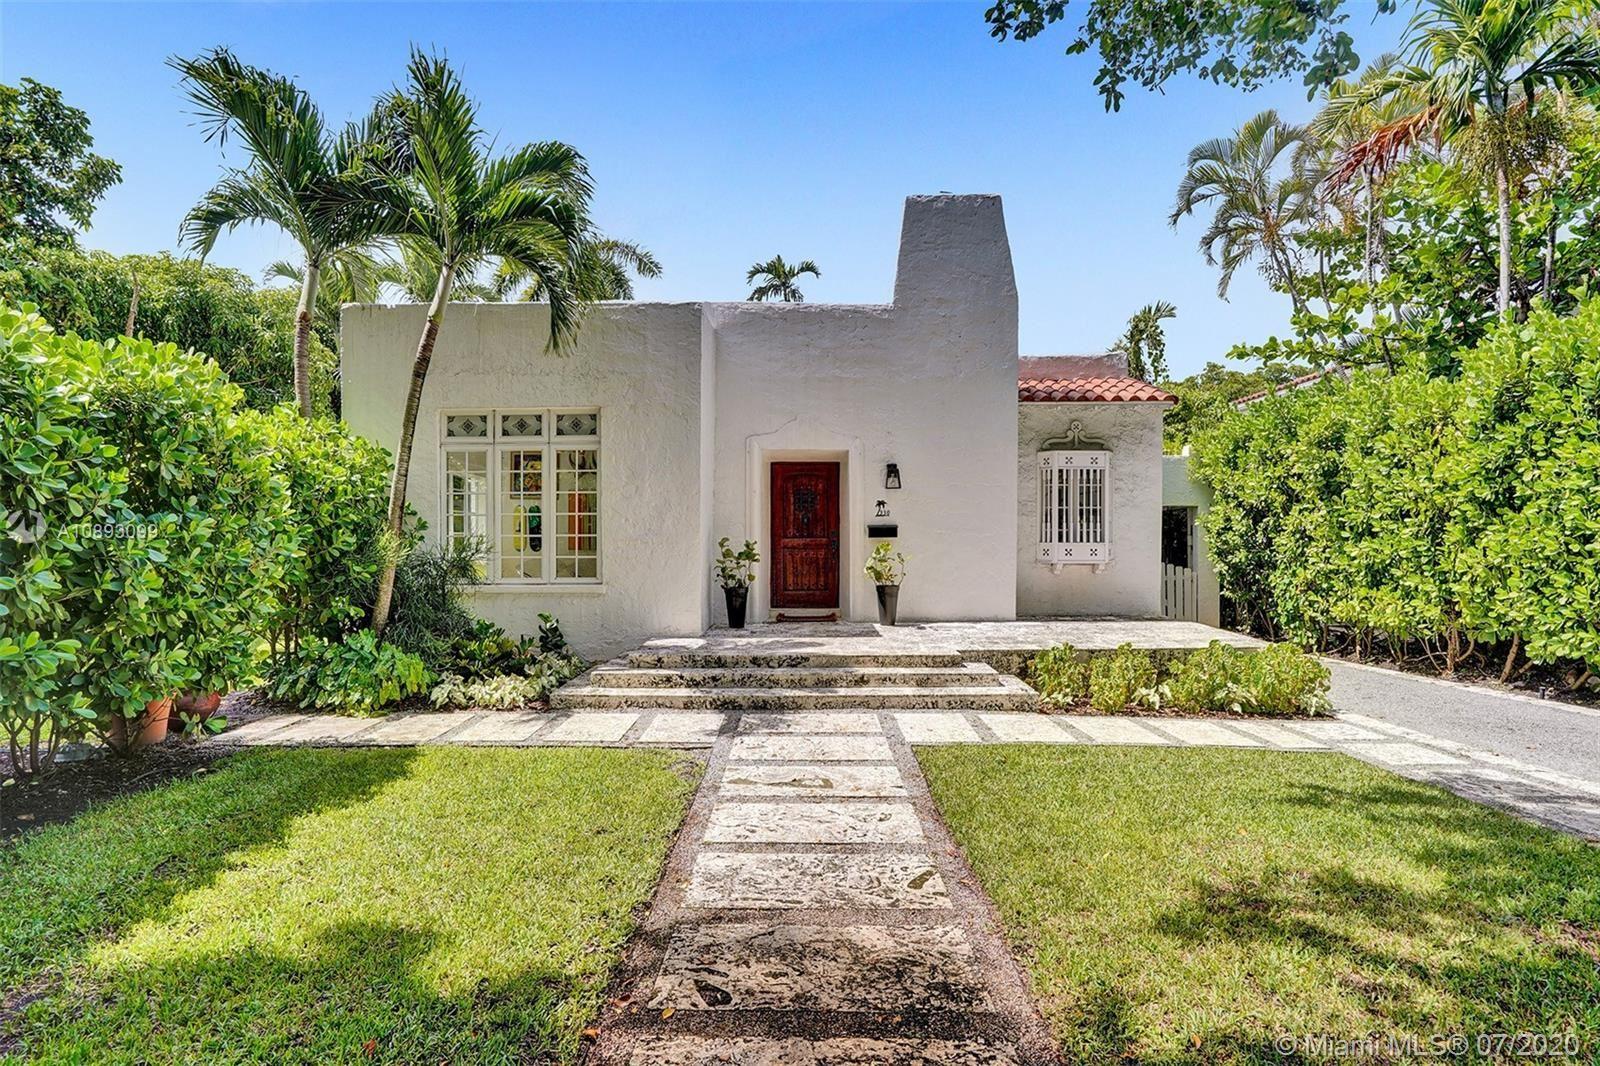 330 Sarto Ave, Coral Gables, FL 33134 - #: A10893099